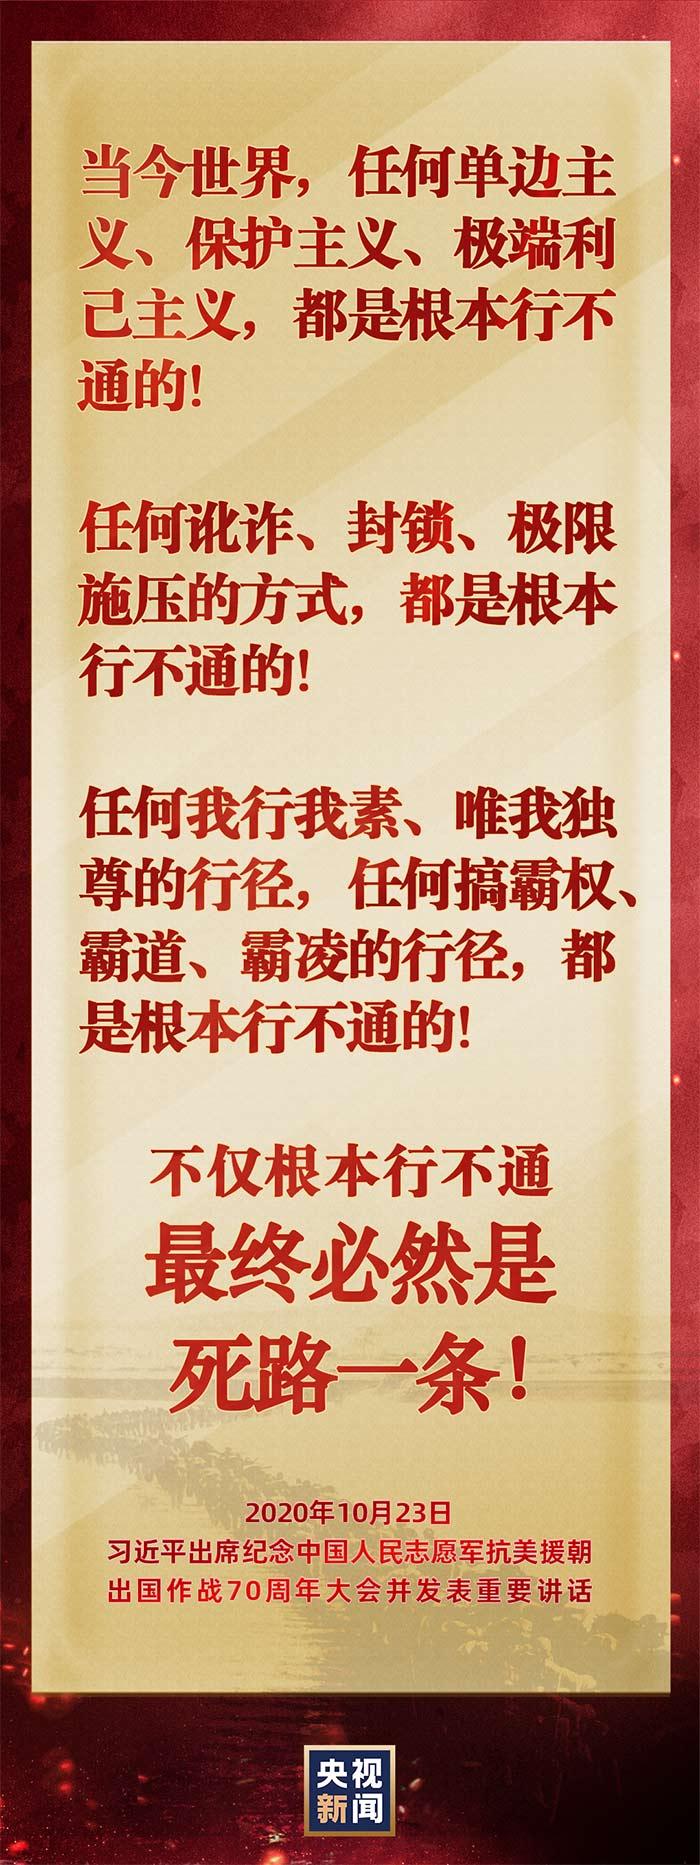 習近平這些話, 讓每個中國人熱血沸騰!-圖11